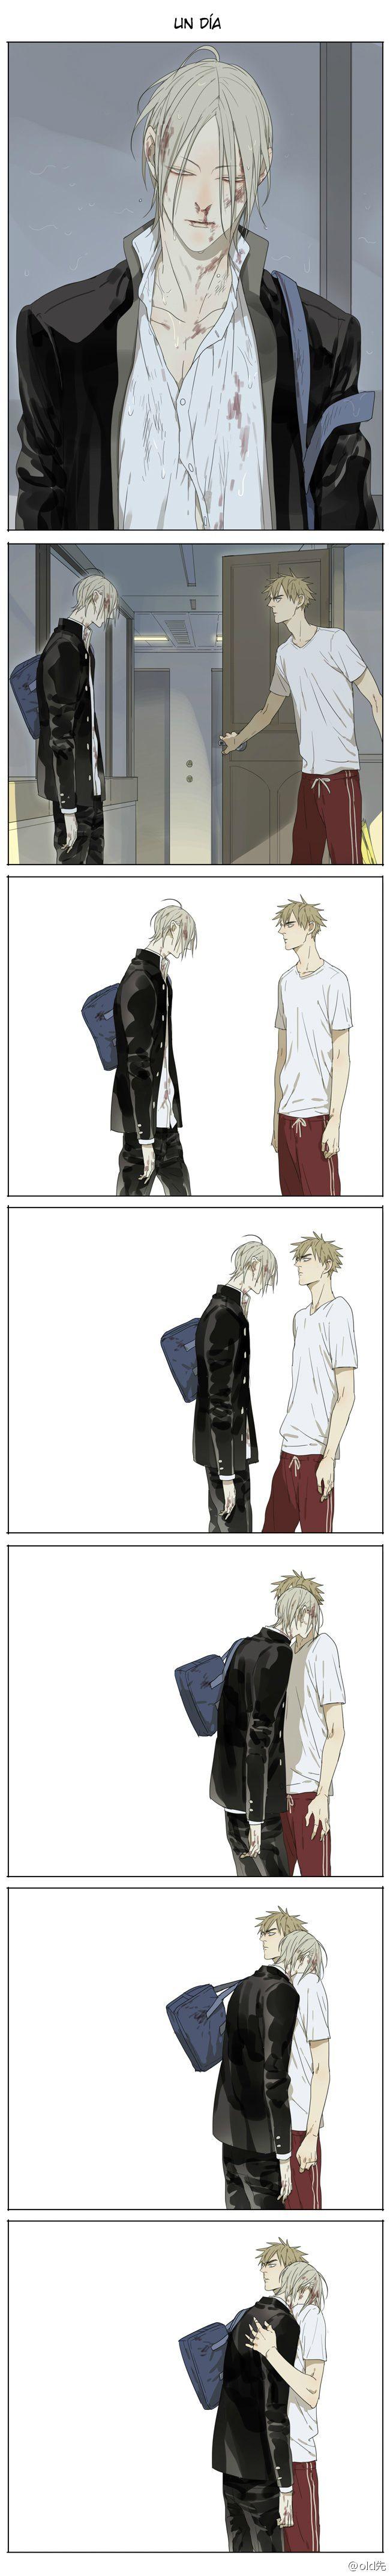 Manga 19 Days Capítulo 3 Página 4